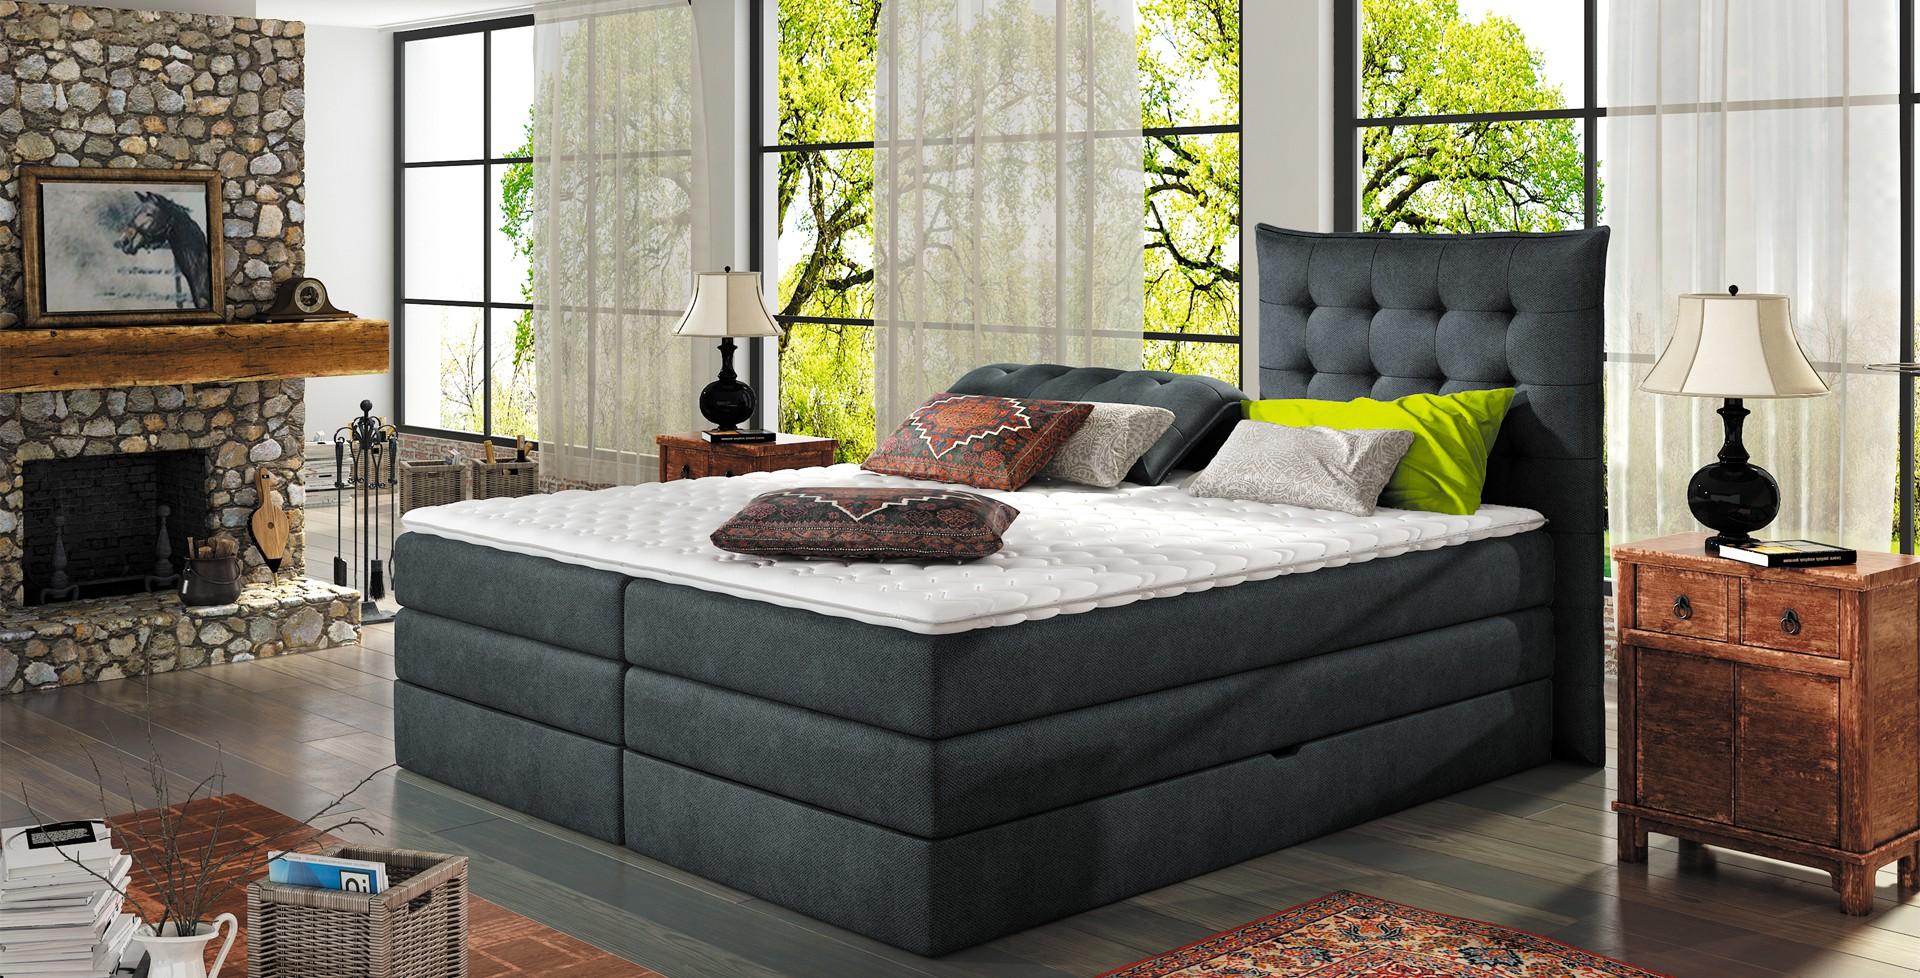 Łóżko Aura firmy Wersal. Fot. Wersal